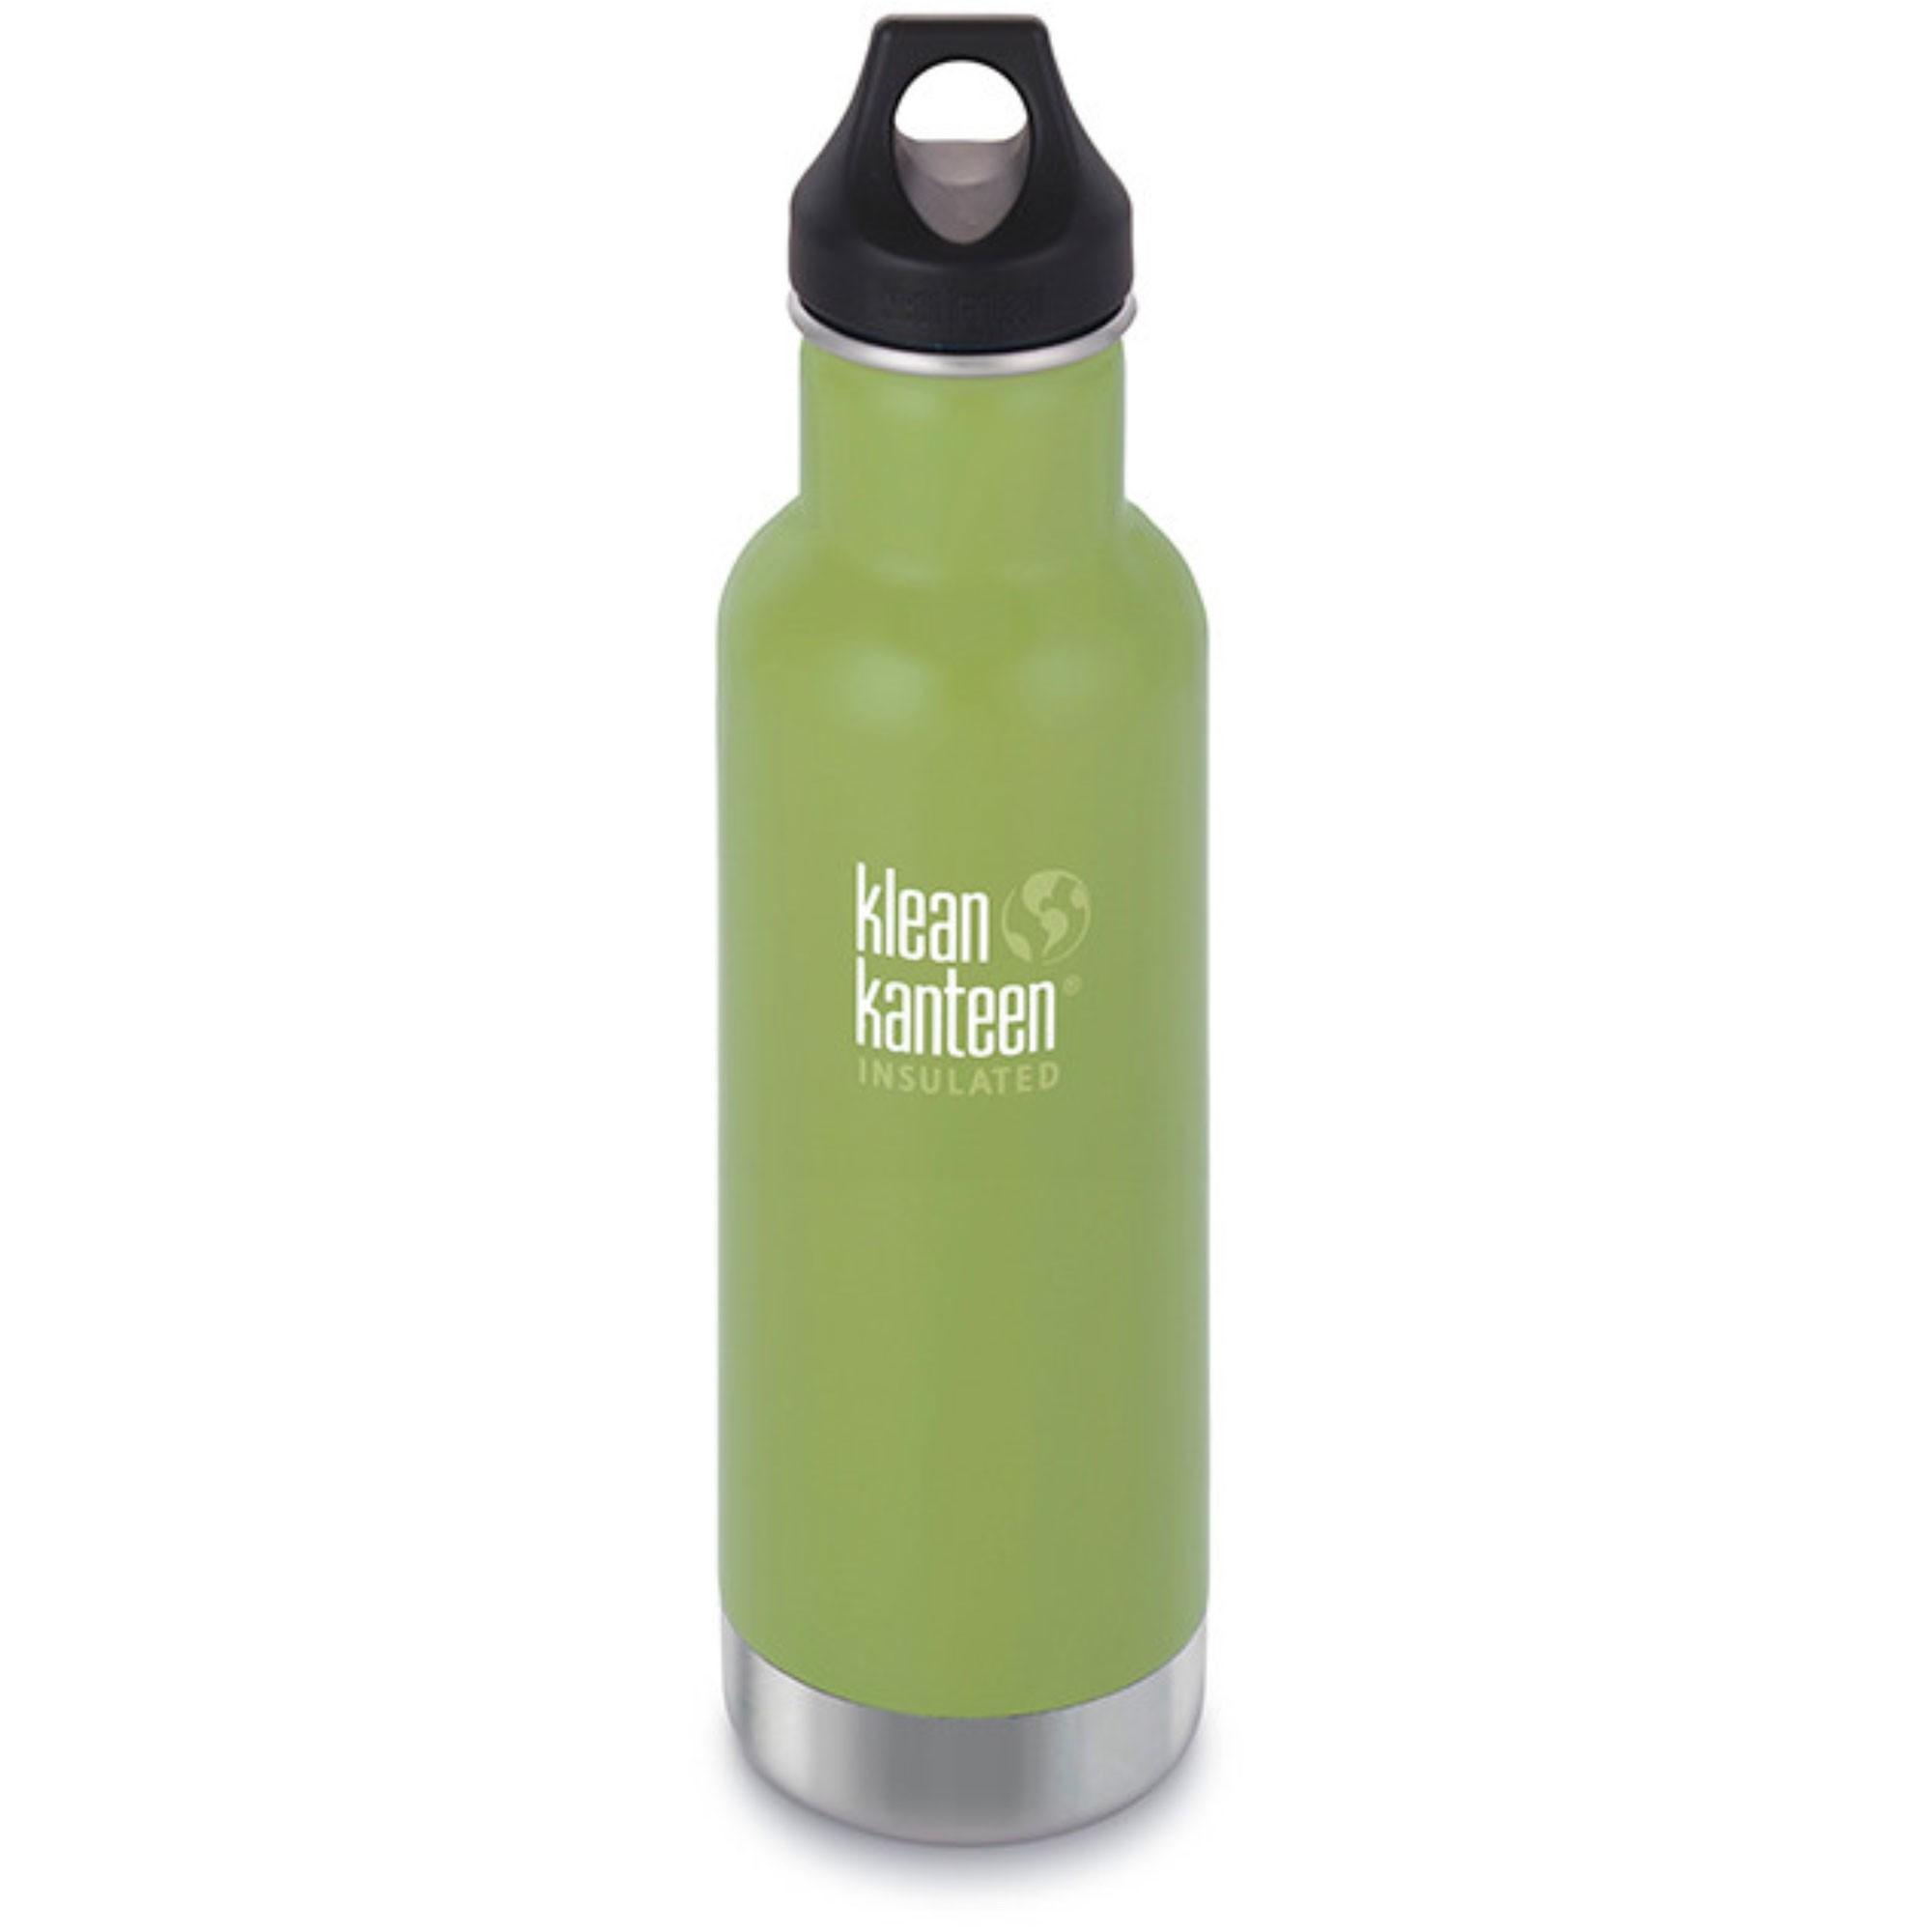 KLEAN KANTEEN - Classic Insulated Flask - 592ml - Bamboo Leaf (Matt)